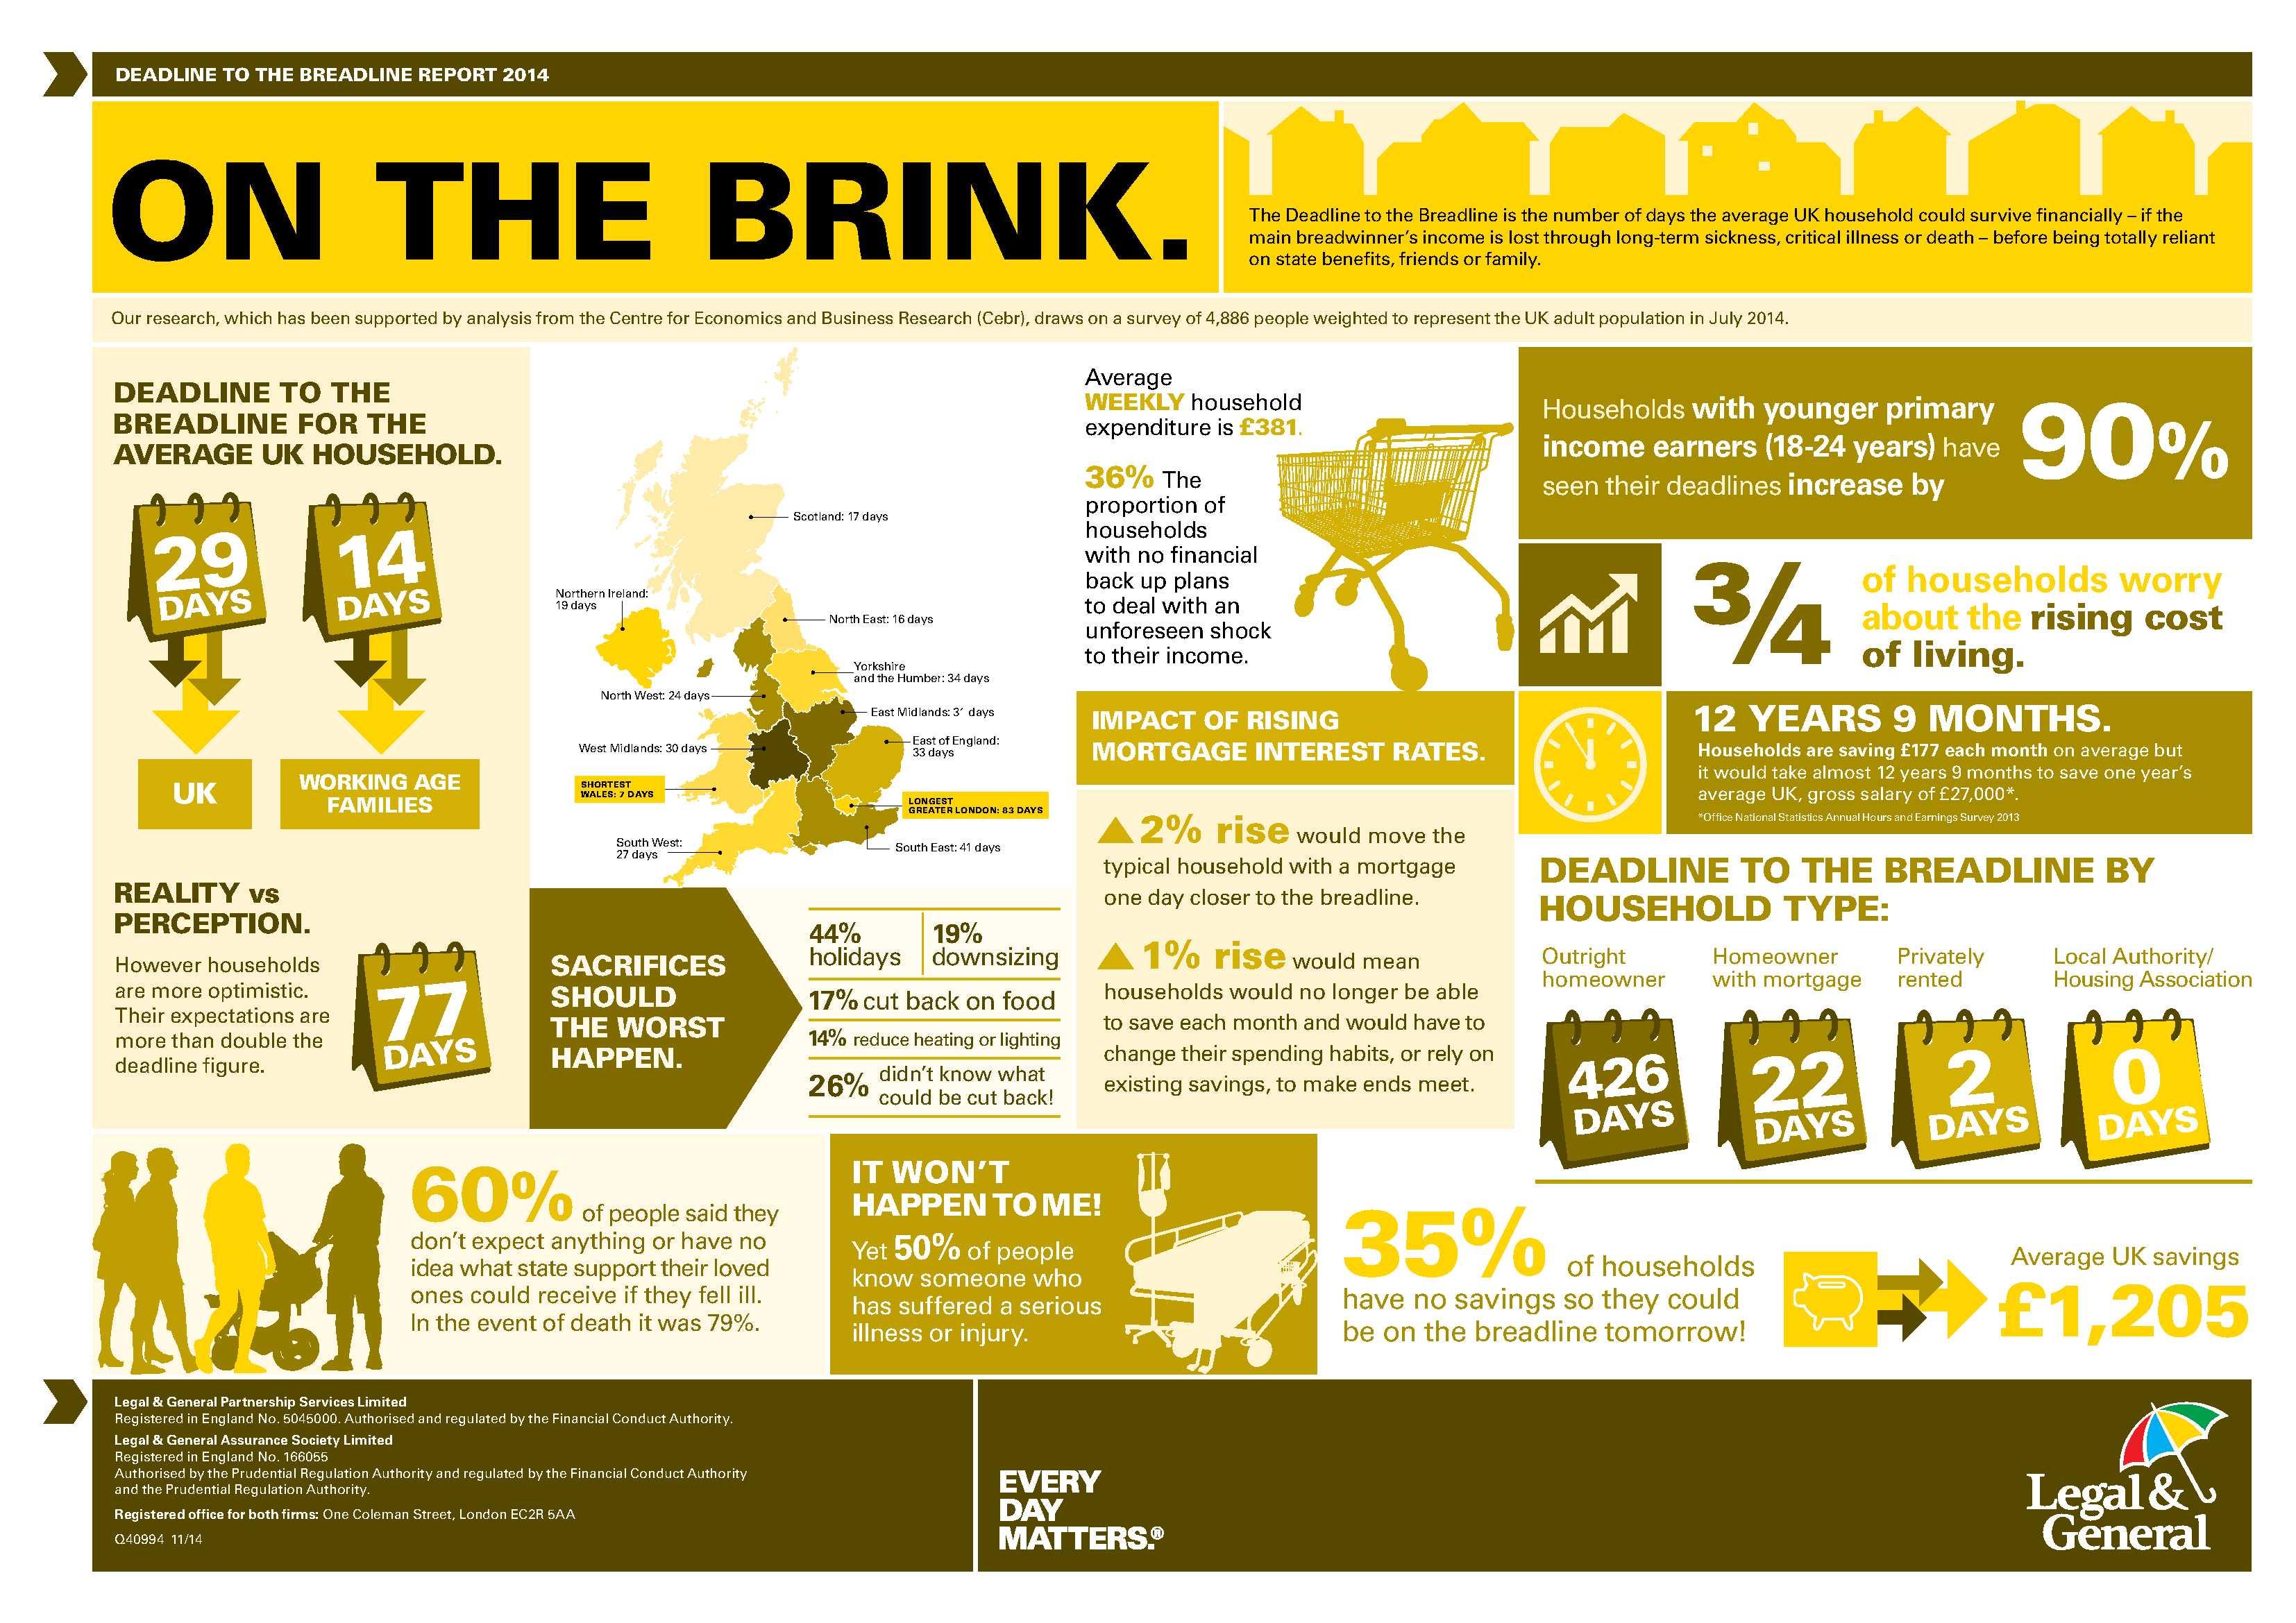 Deadline to the breadline infographic